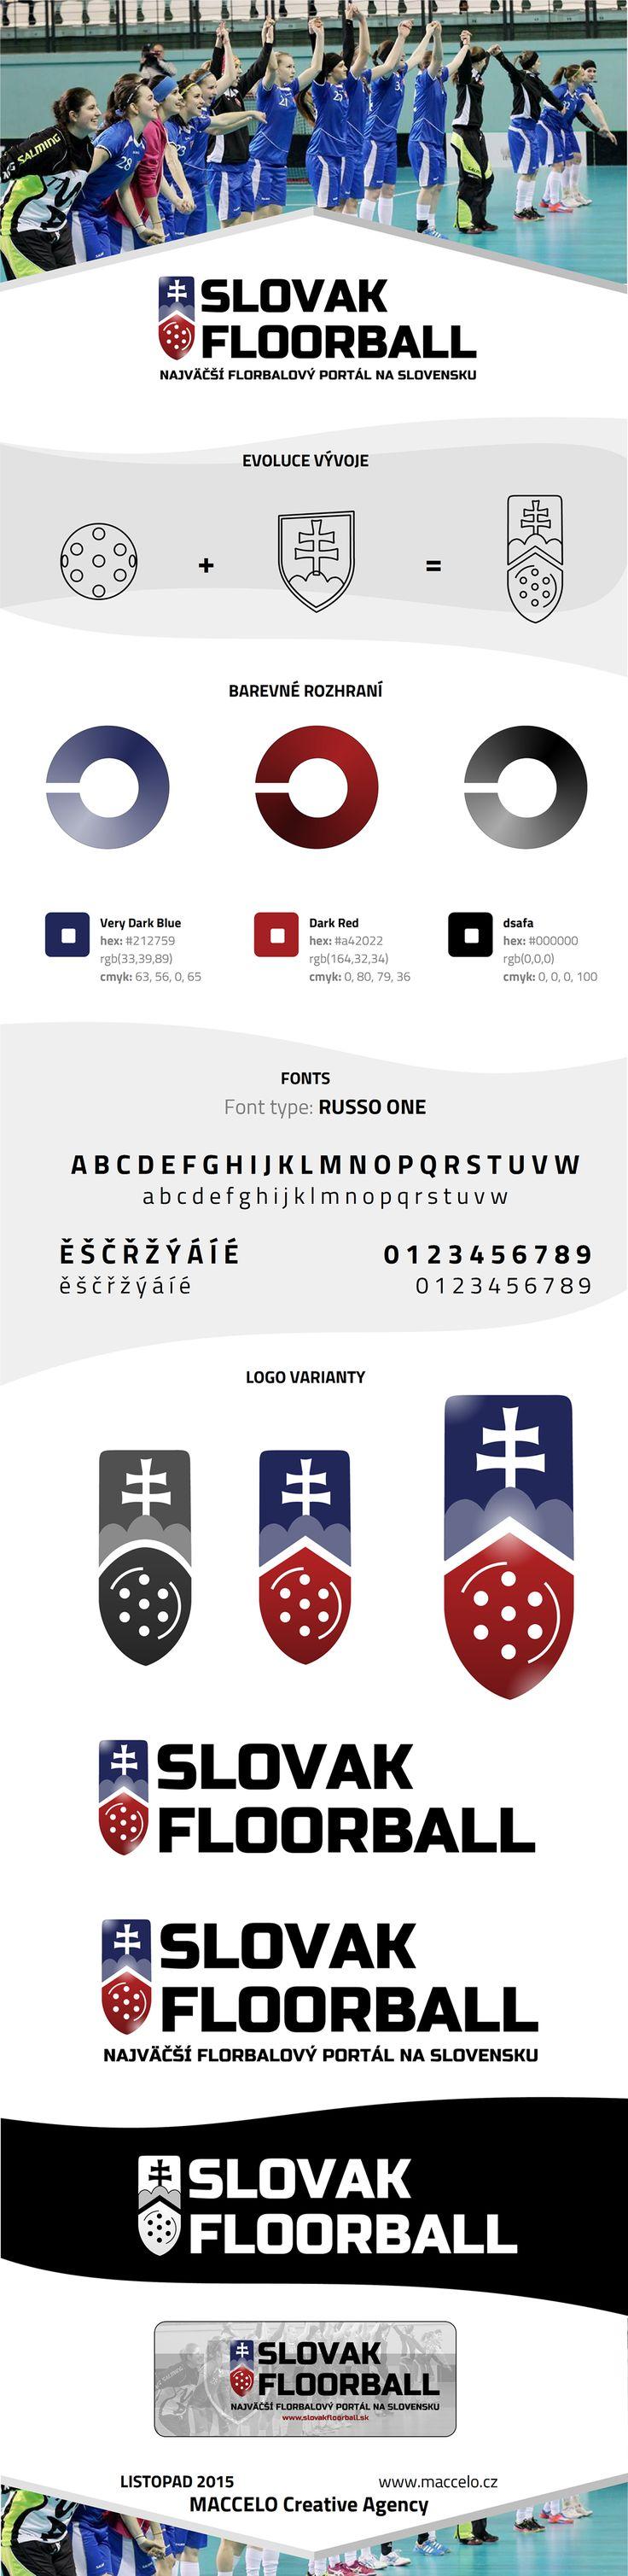 Brand of Slovak Floorball on Behance